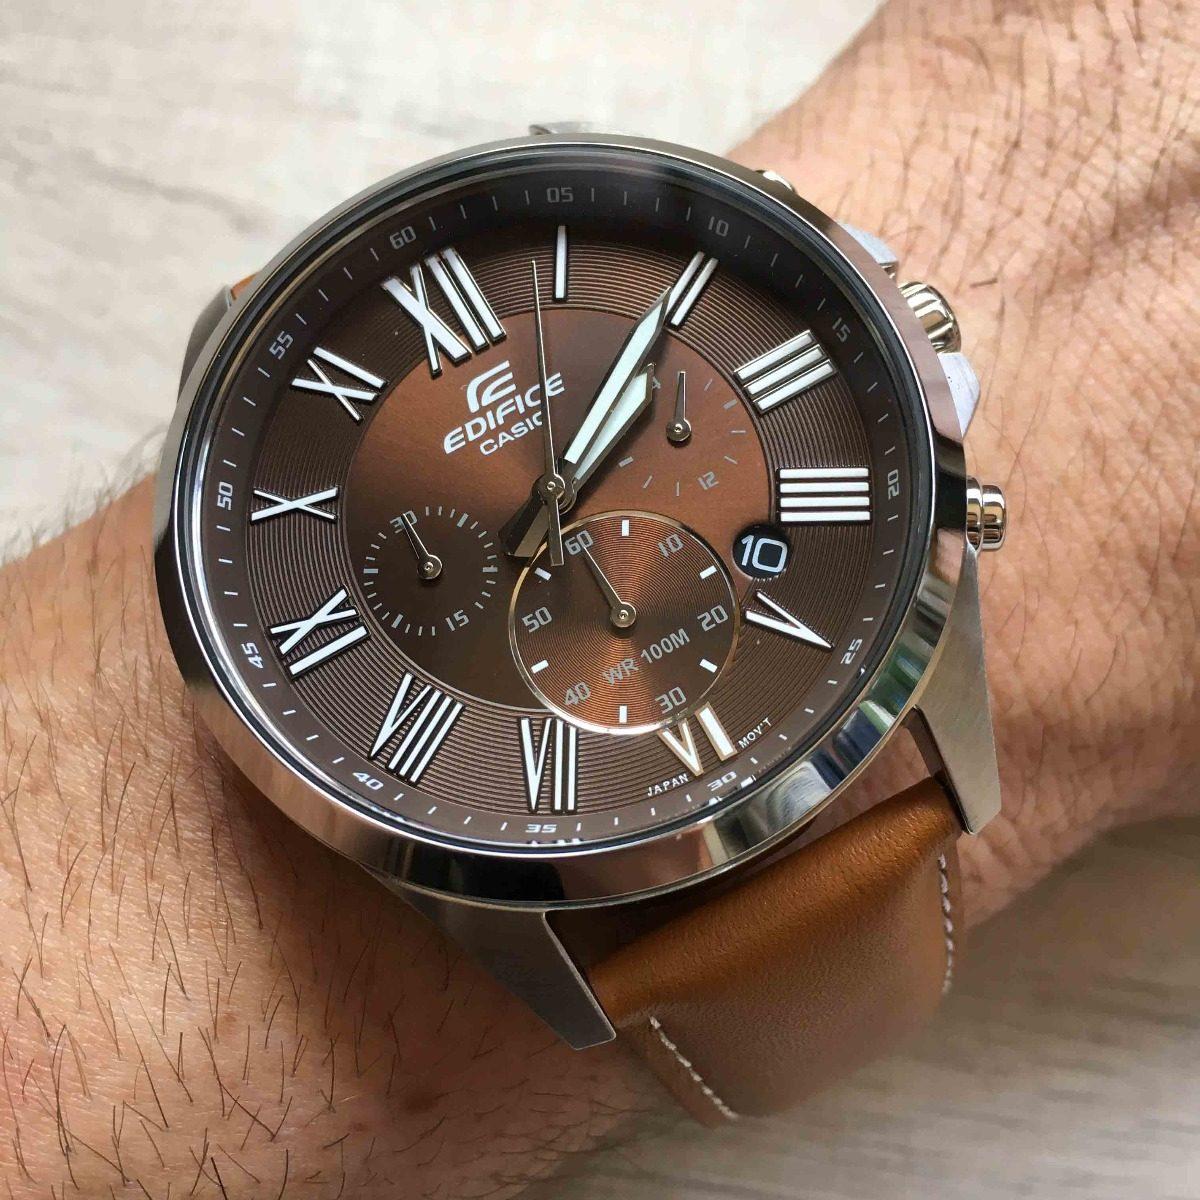 6d51654e6c3 relogio casio edifice cronografo masculino efv-500 original. Carregando  zoom.